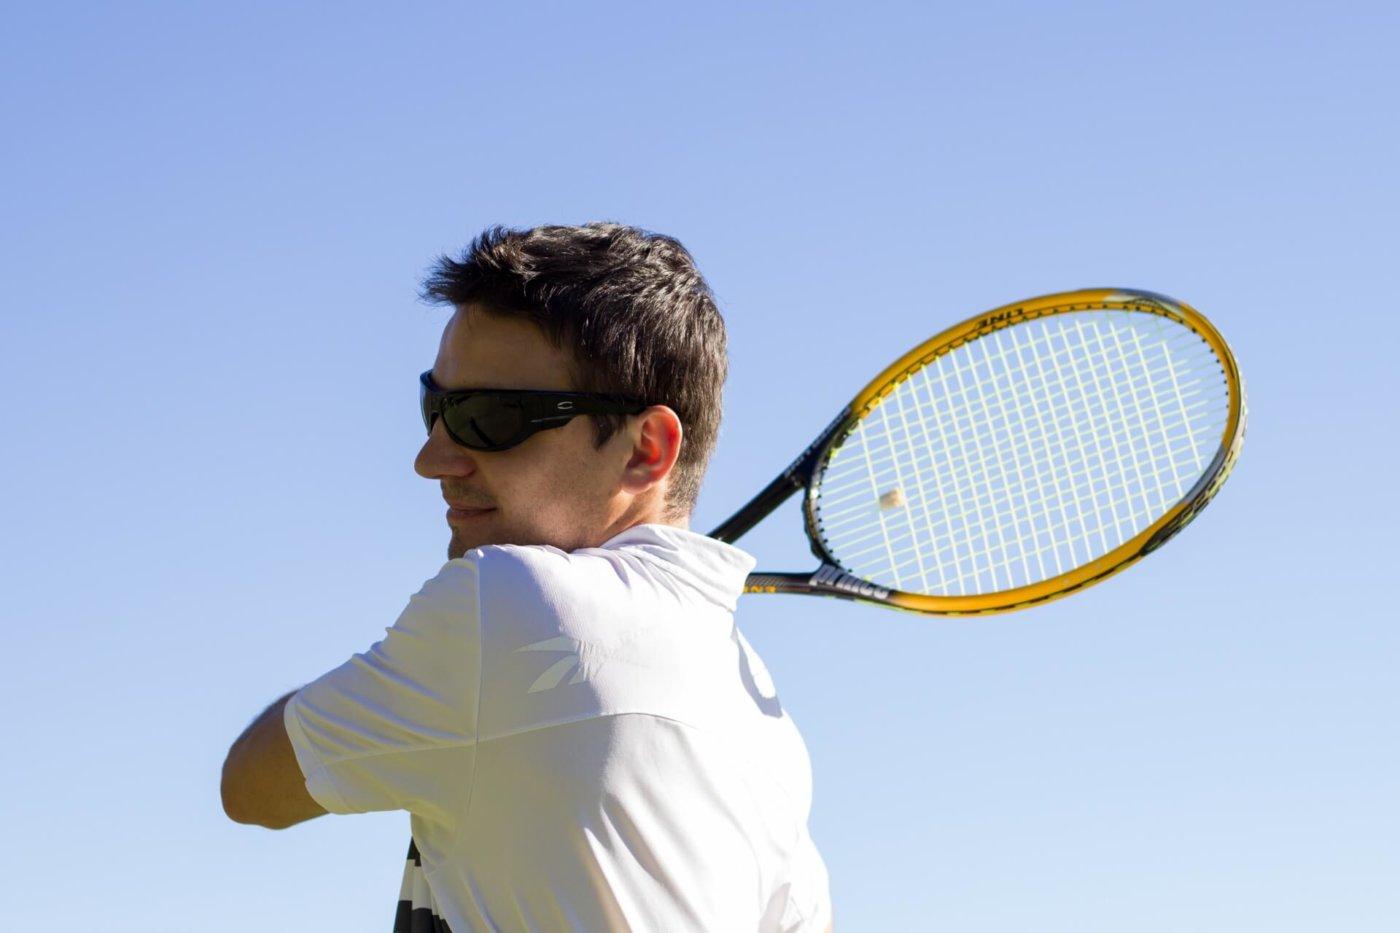 テニスの必需品!?振動止めって何?